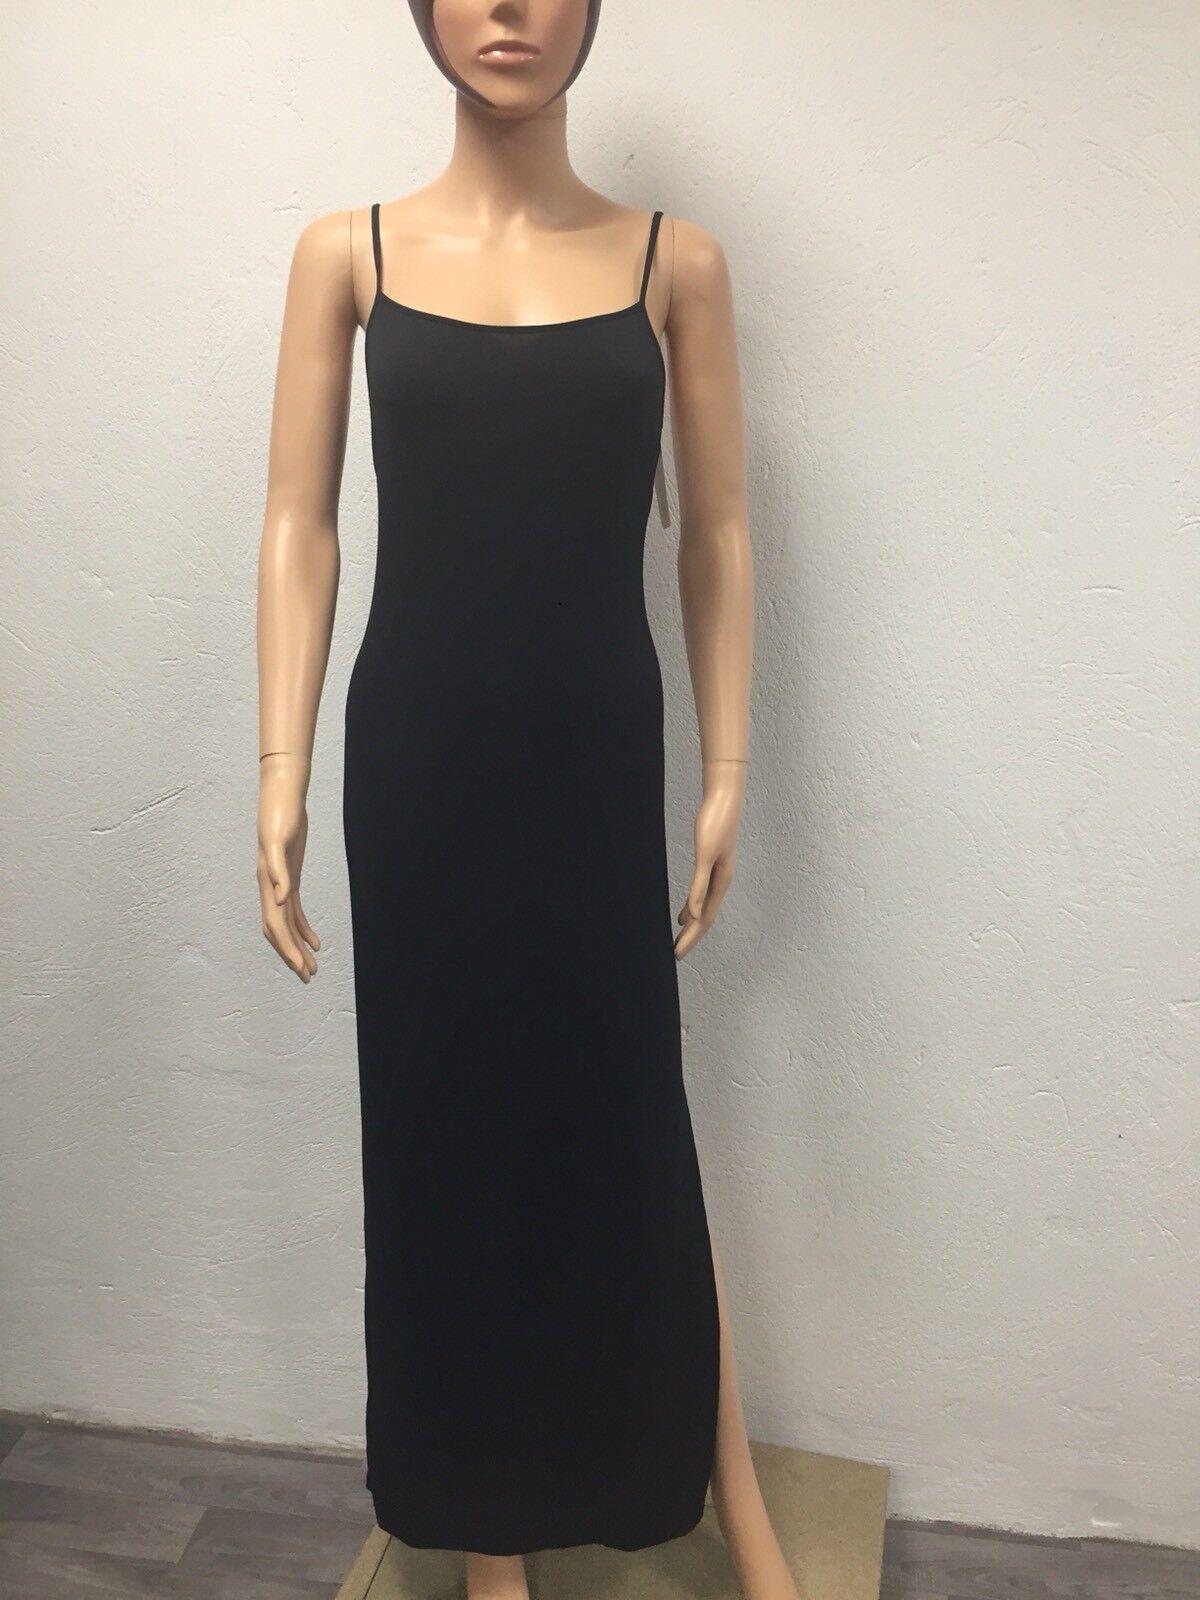 Kleid Strand Lise Charmel SCHWARZ GRÖSSE S Hergestellt IN Frankreich